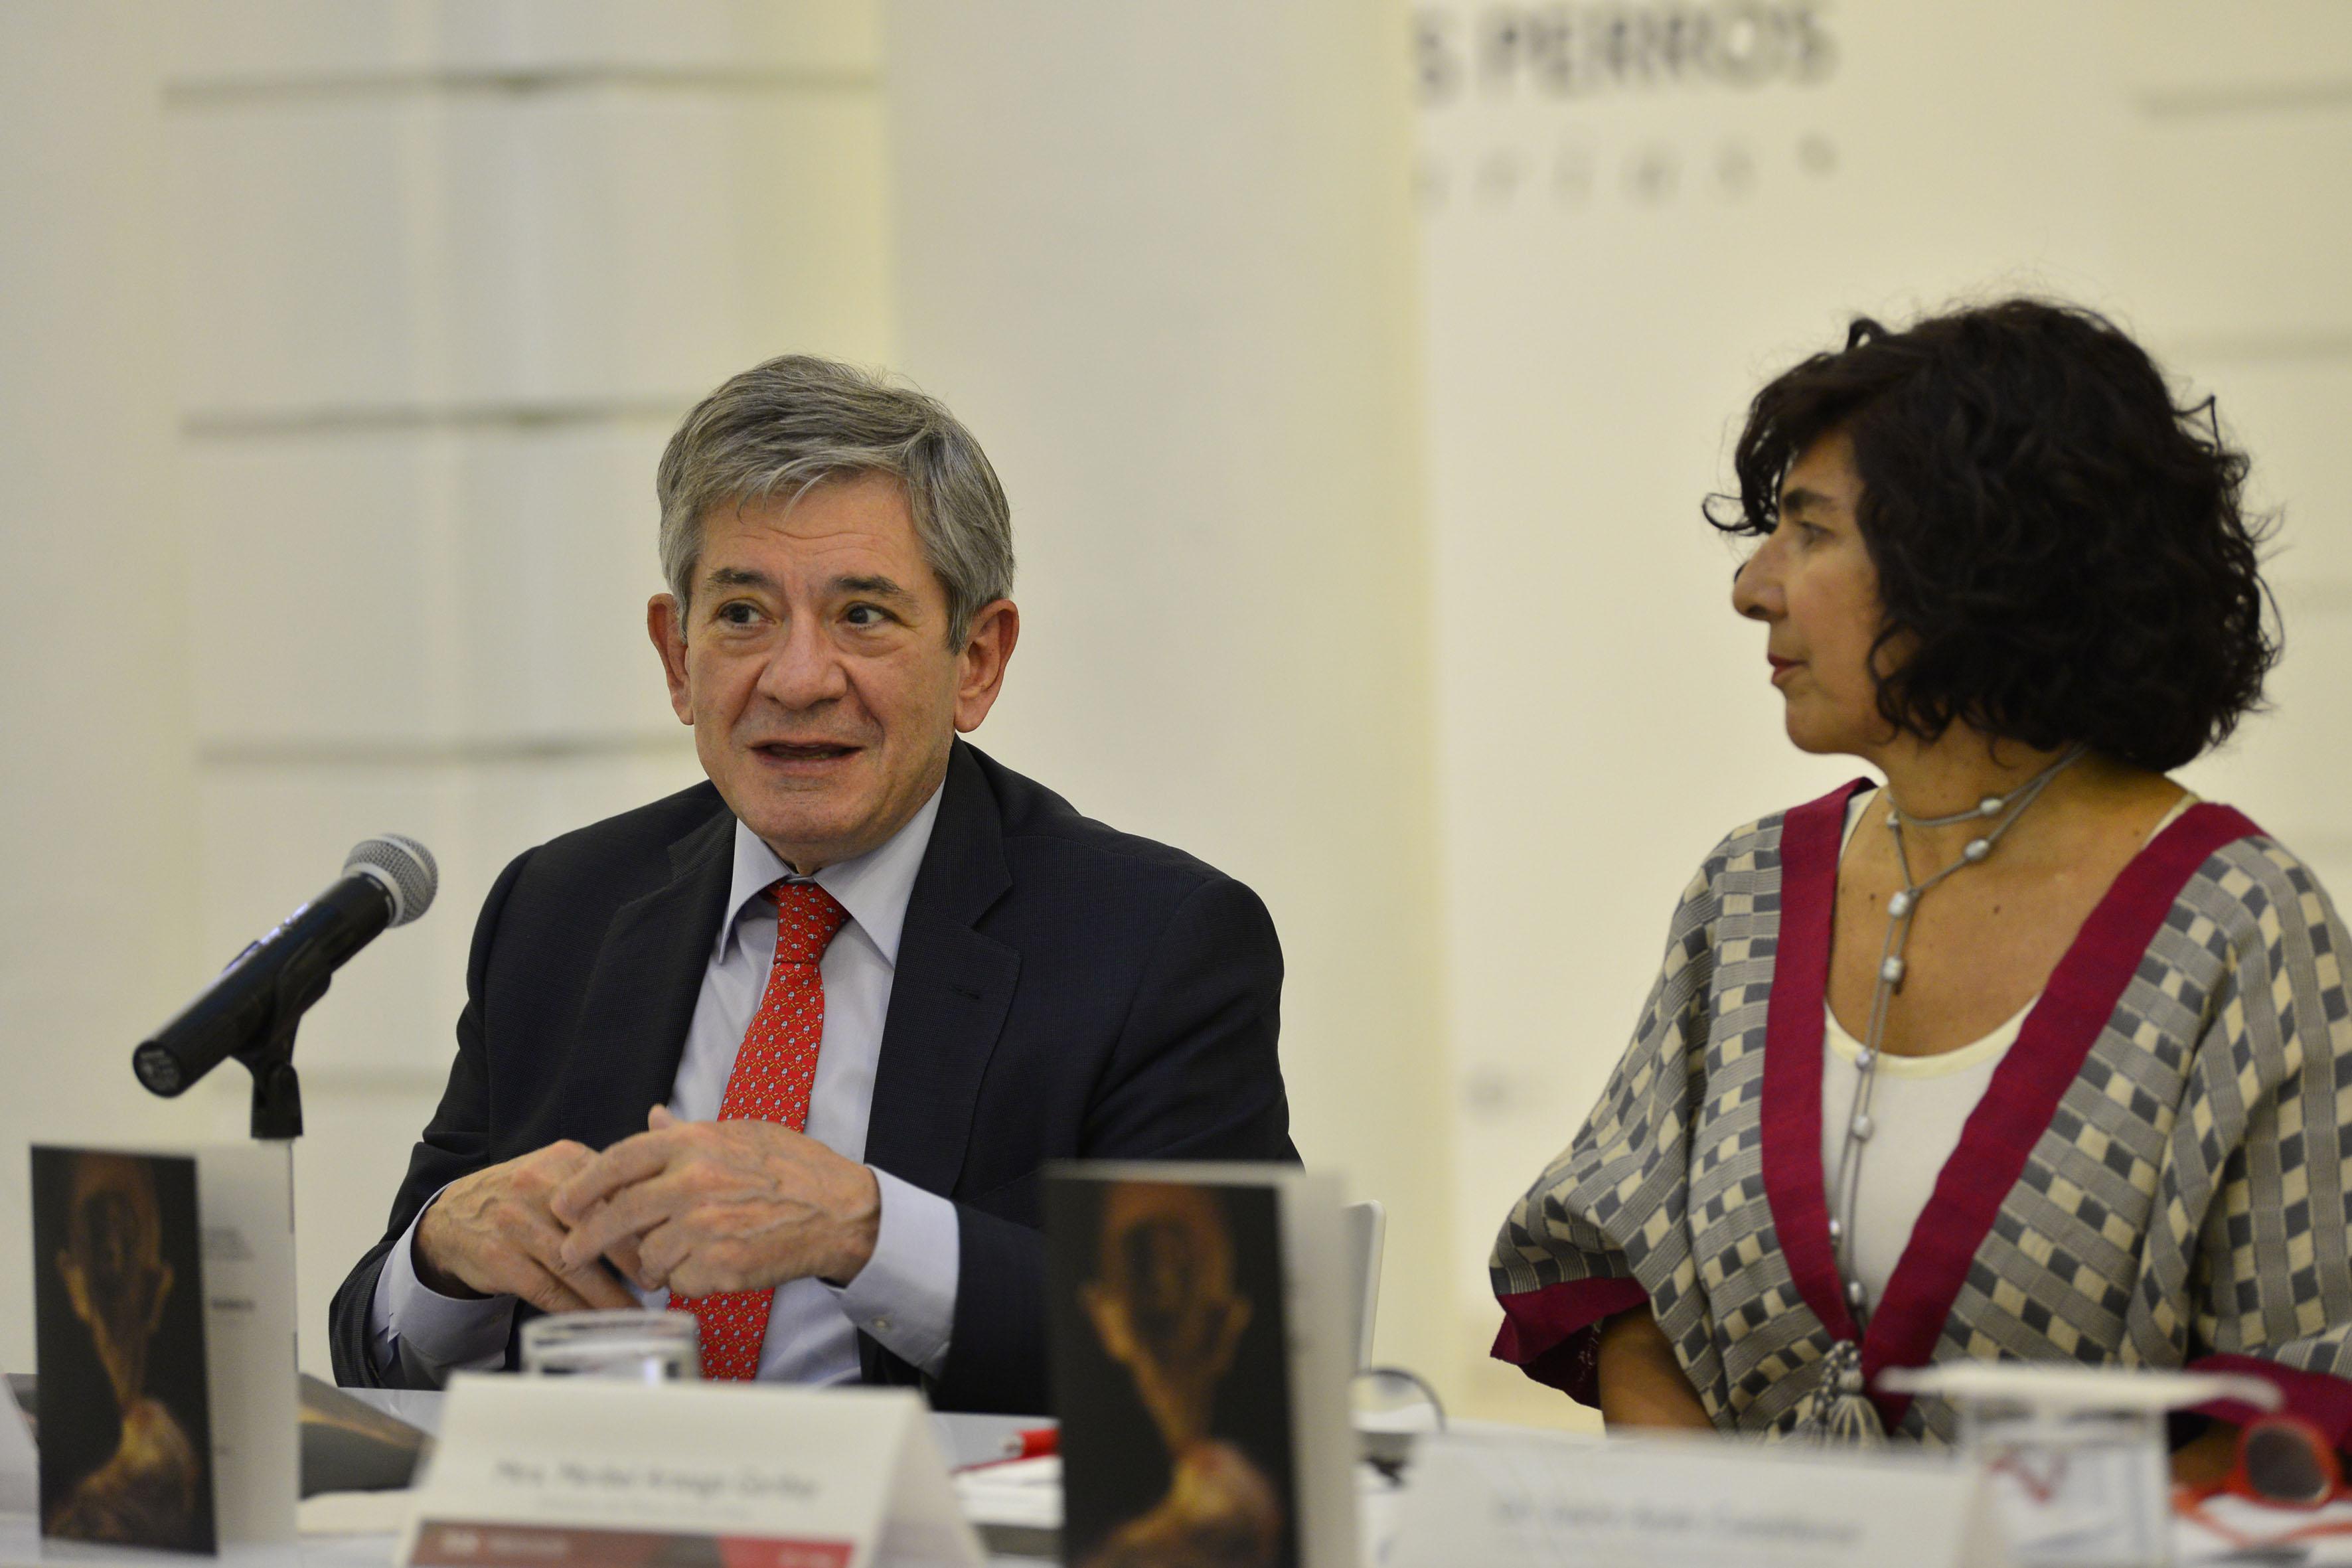 Viudo de la pintora, Enrique Barón Crespo, en conferencia de prensa dando a conocer la exposición: Coloquio de Perros.